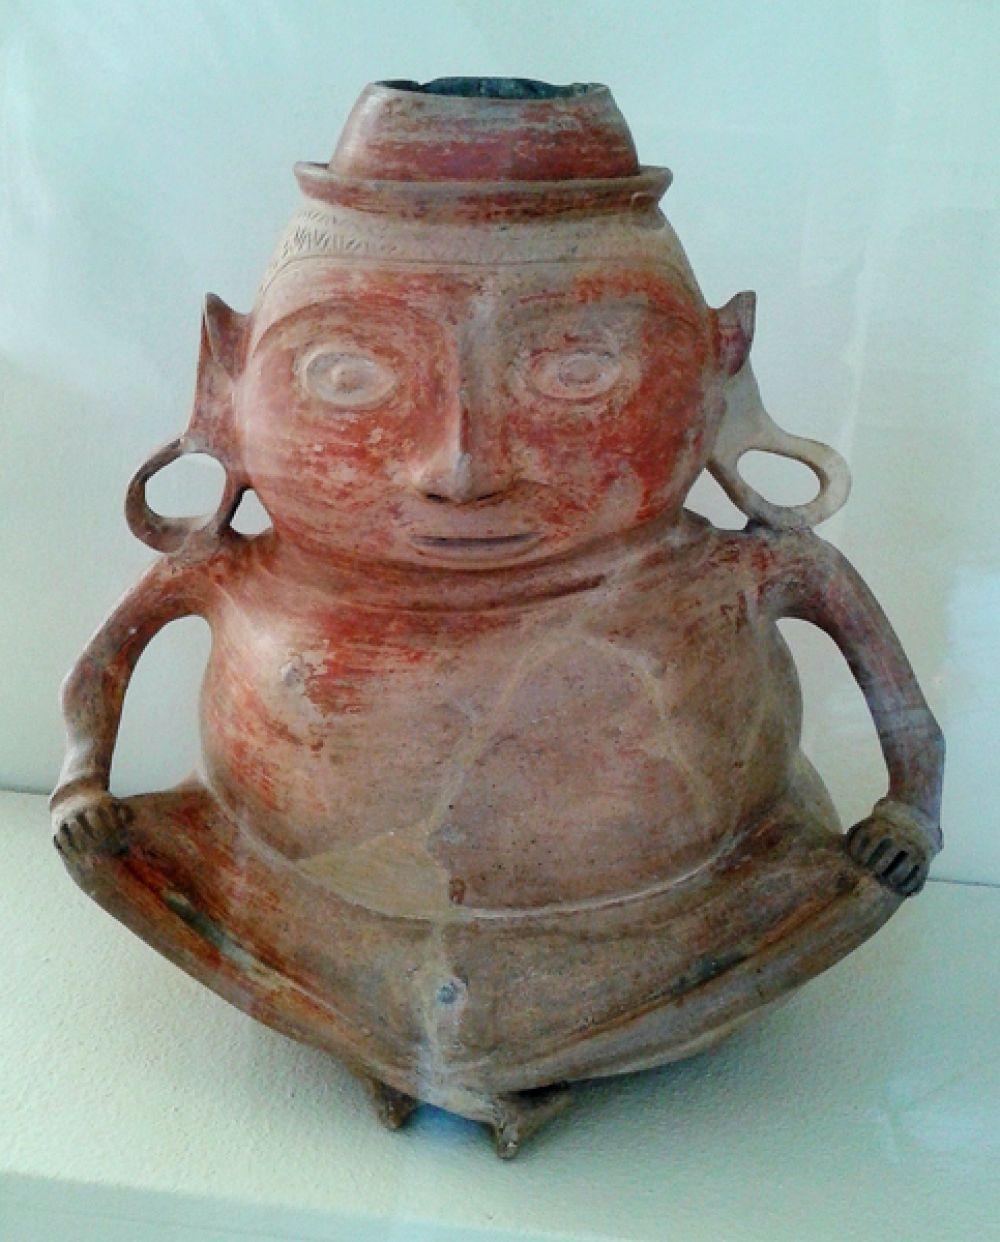 Ваза в виде сидящего человека, около 1000-1400 годы н.э.